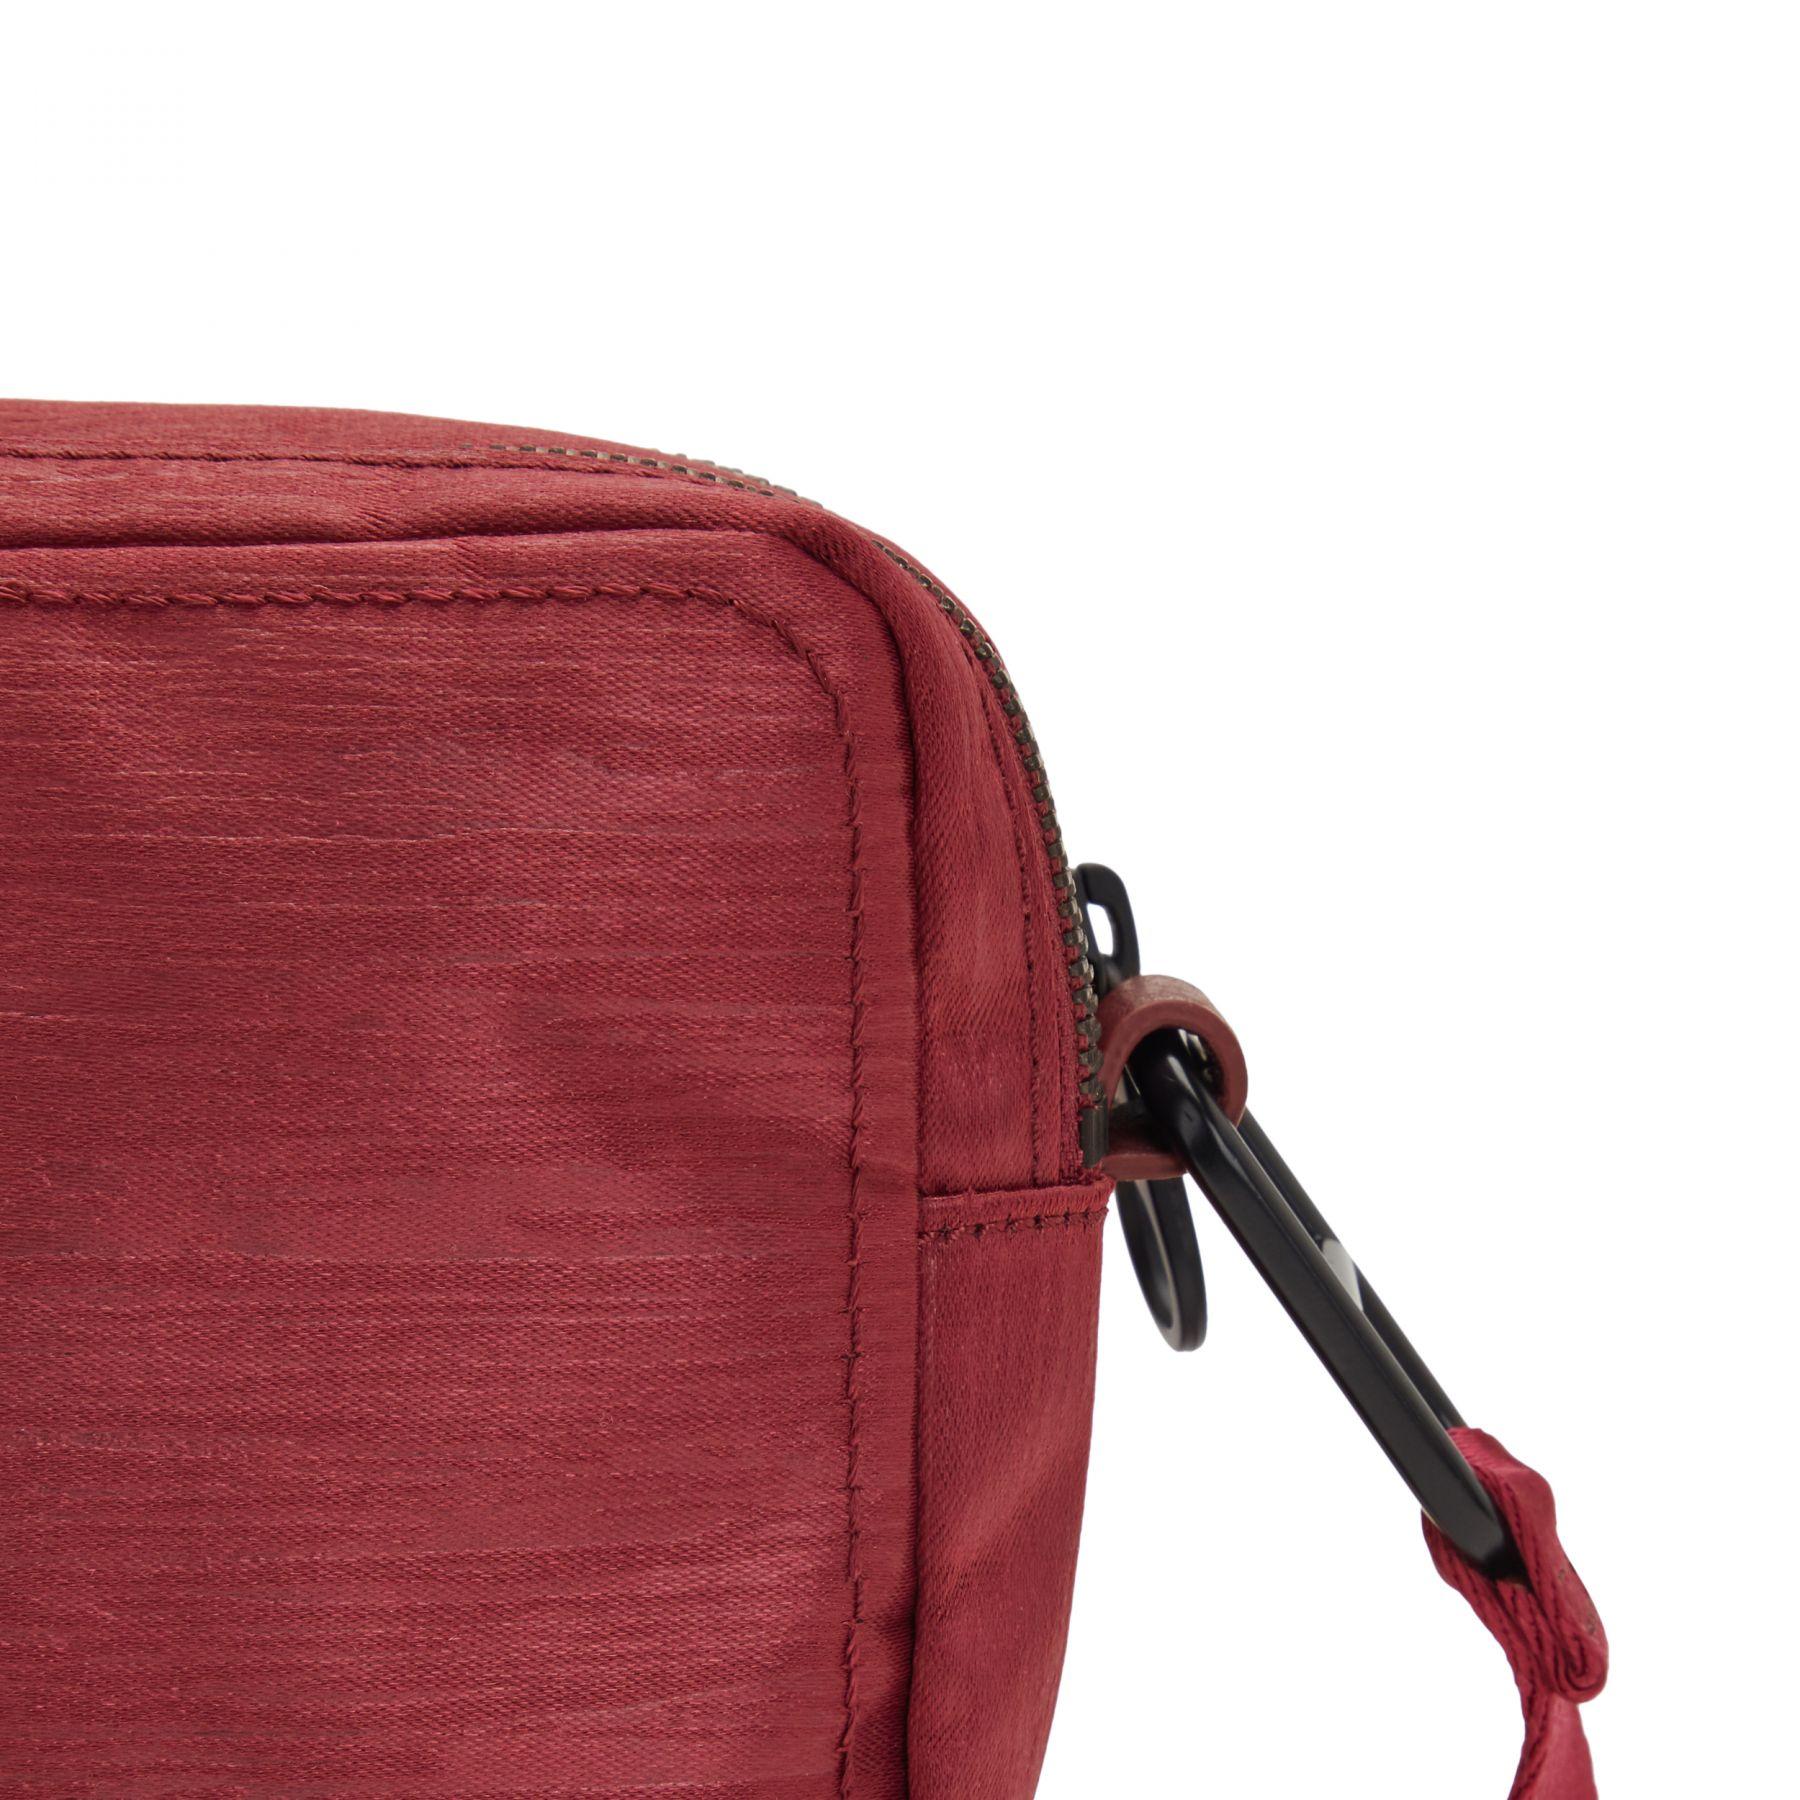 MILDA BAGS by Kipling - view 5